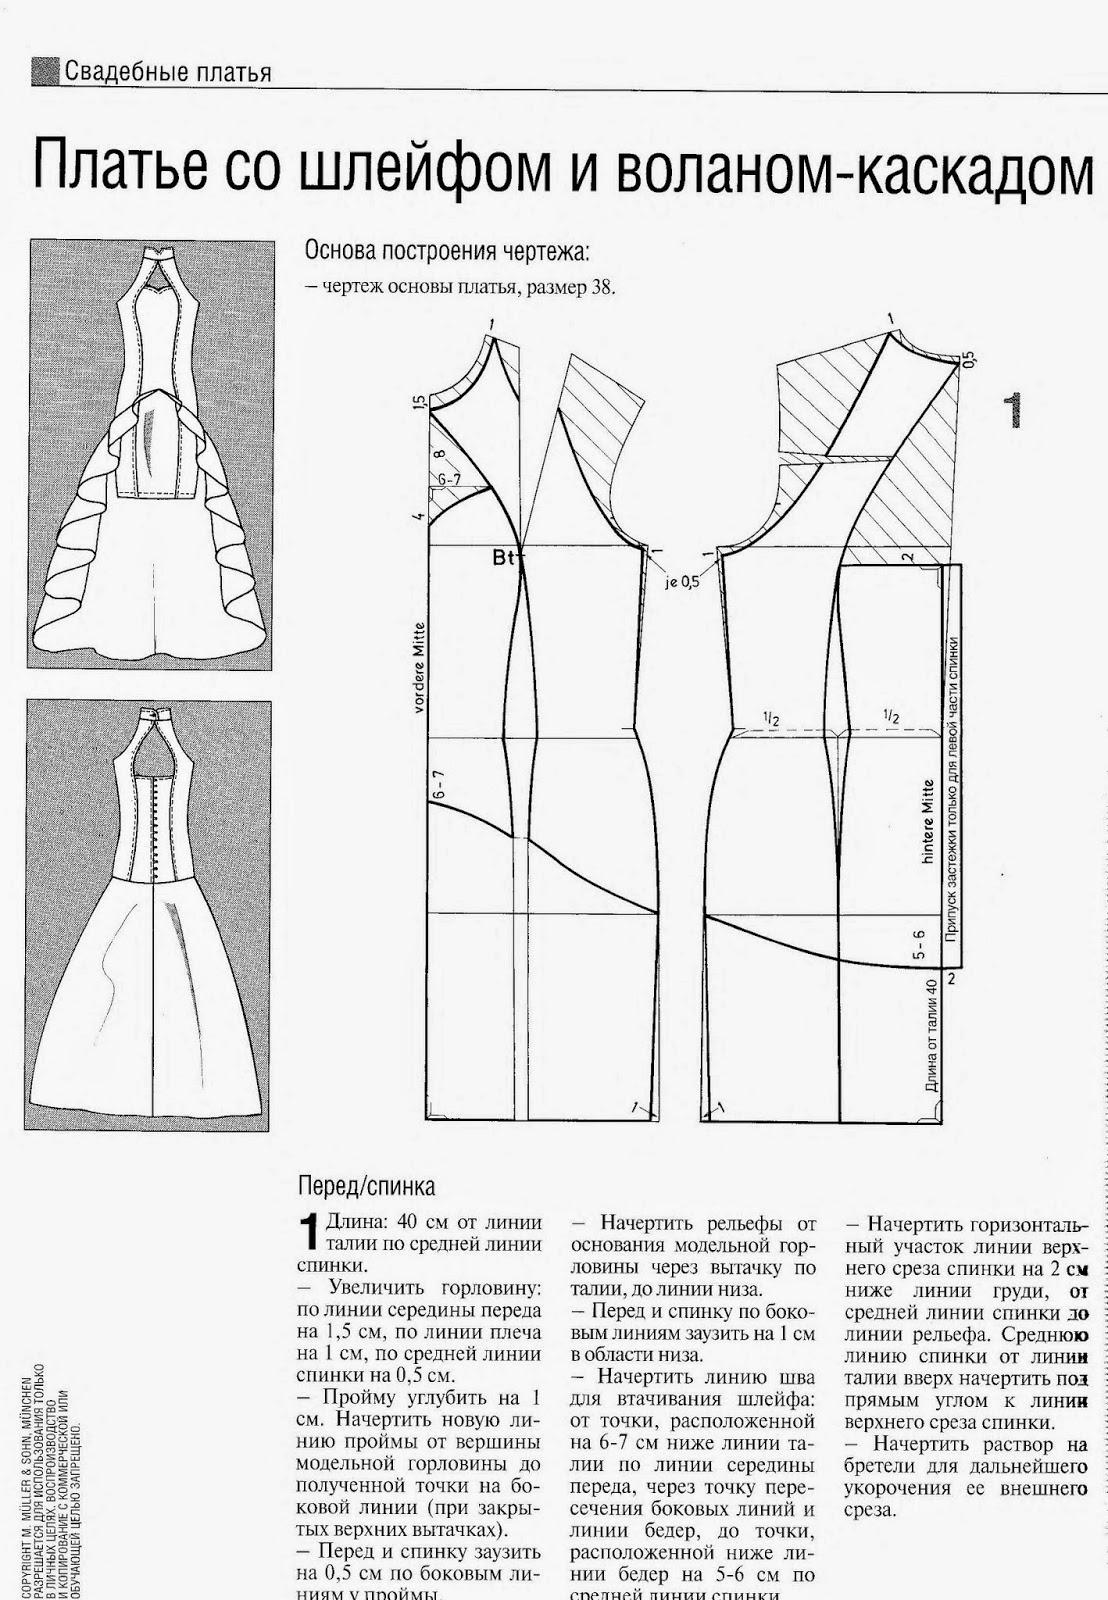 Описание выкроек платьев